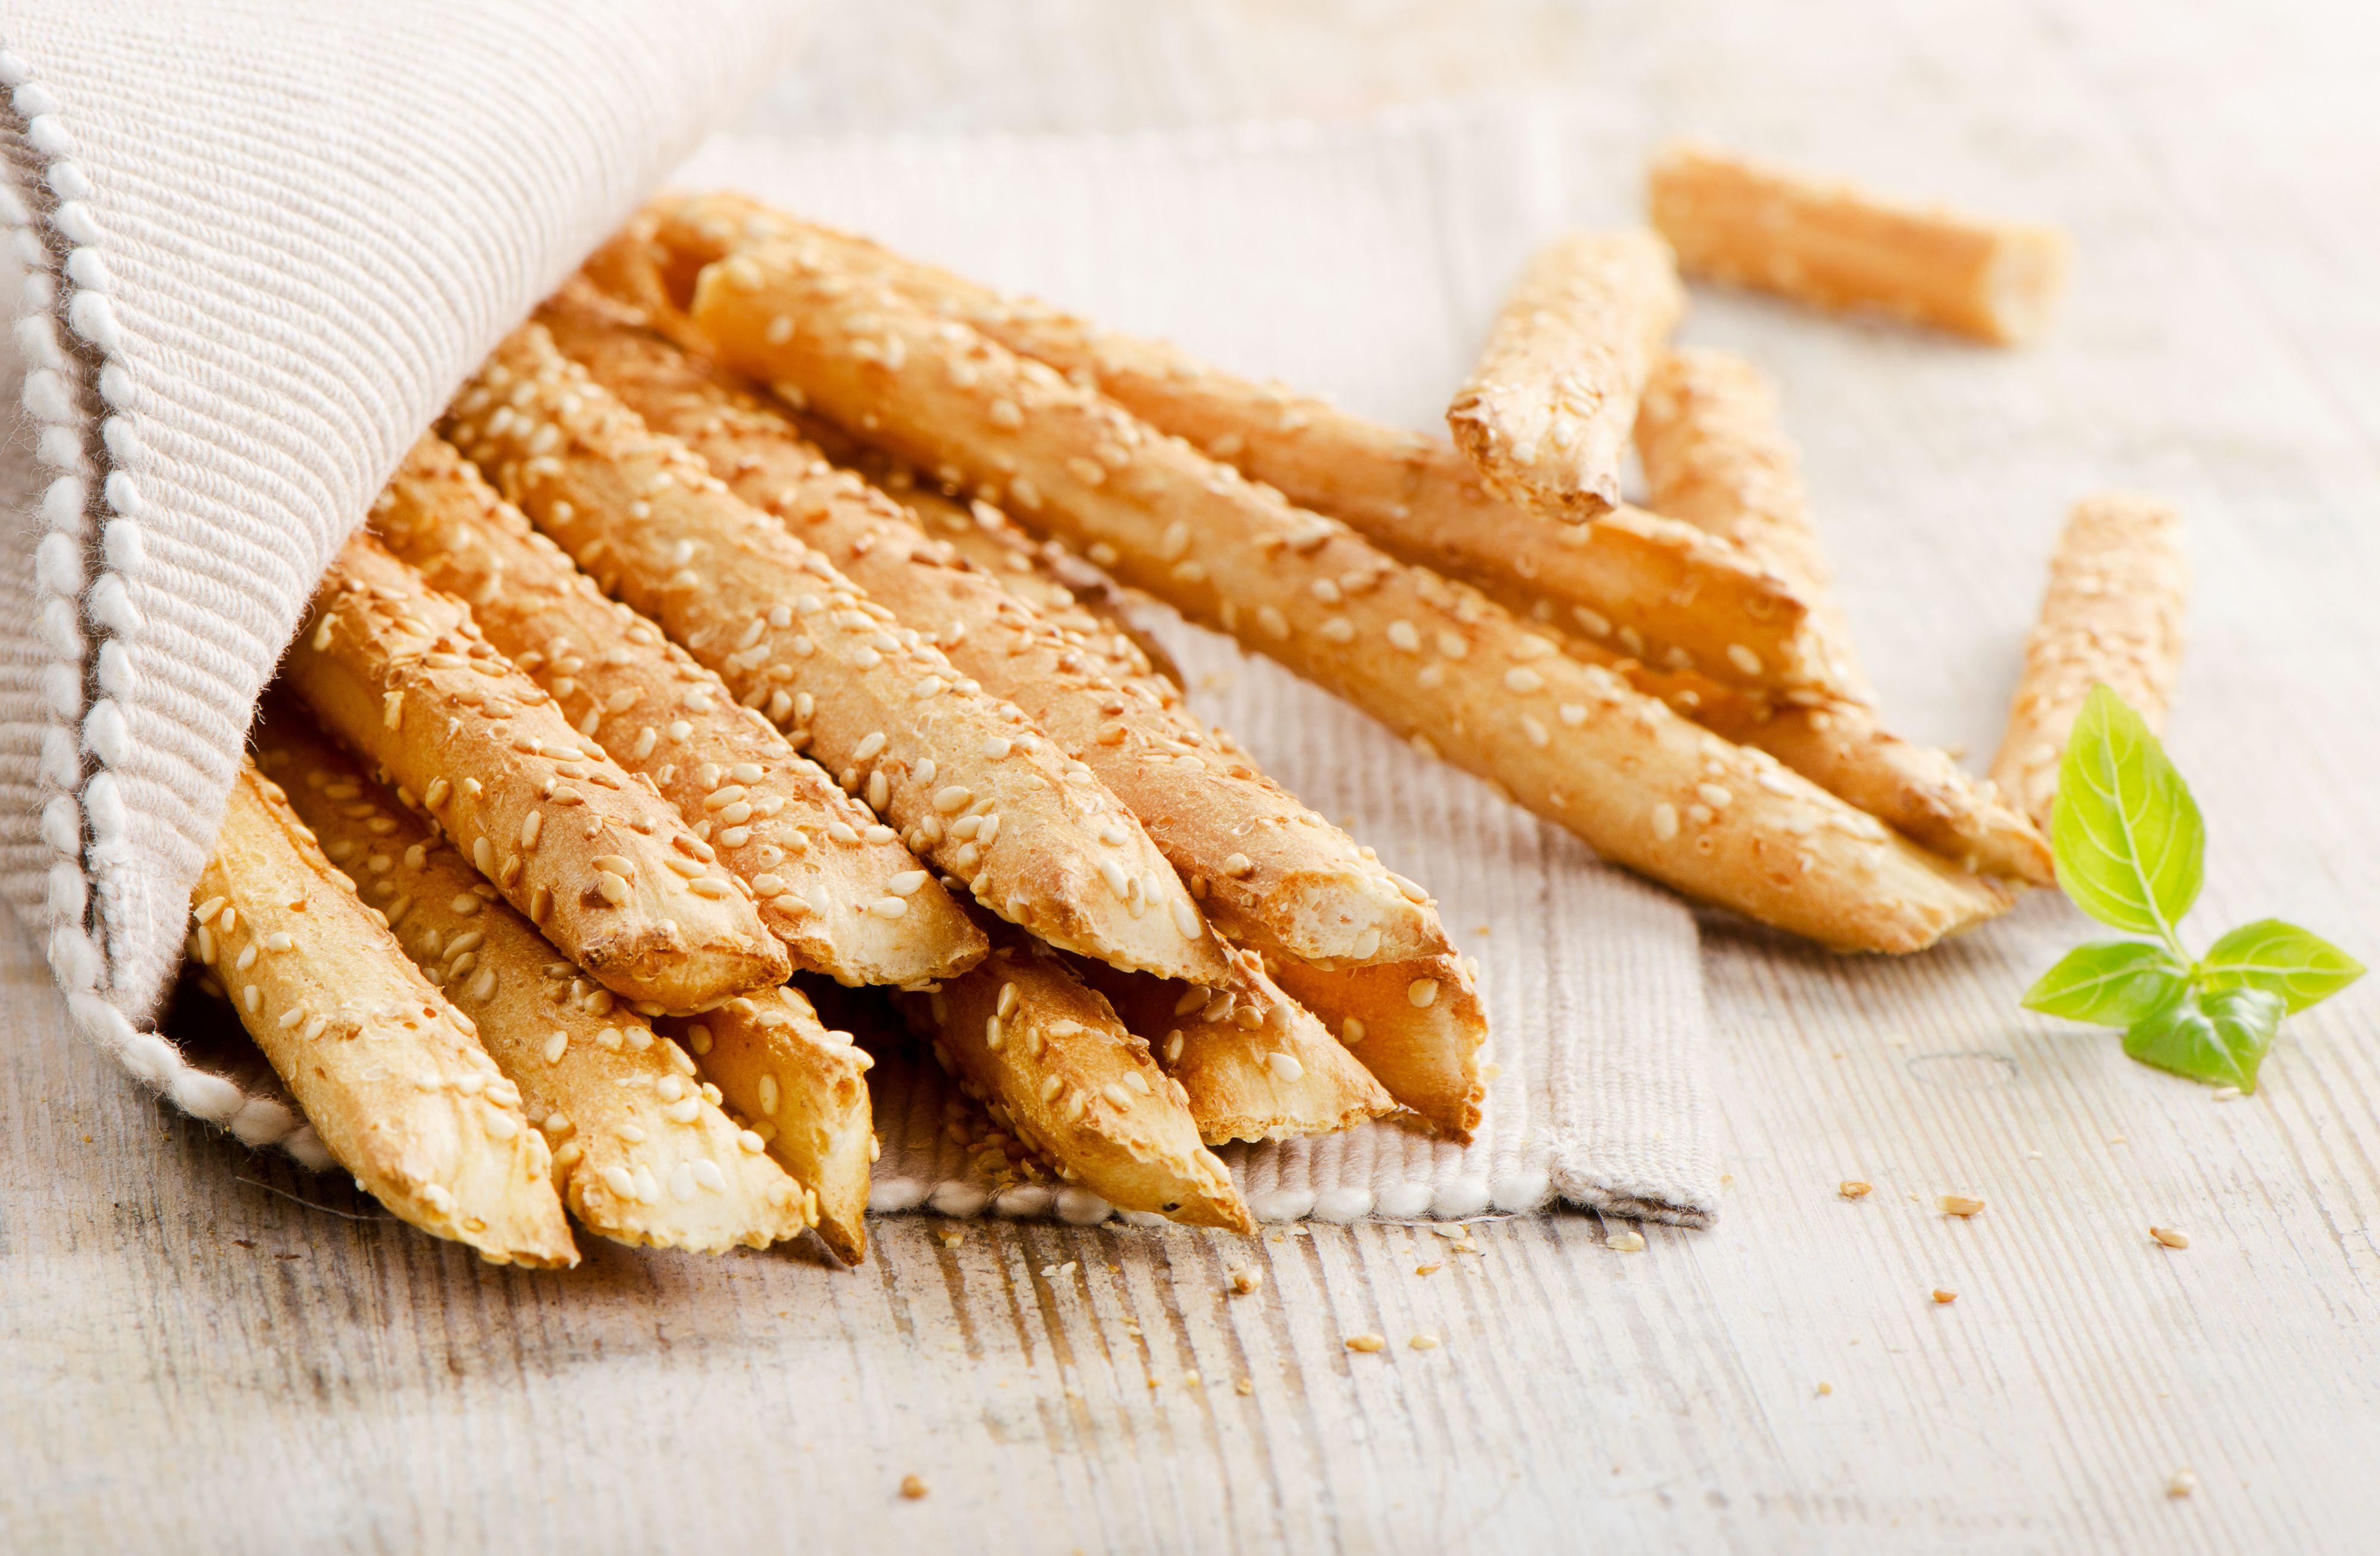 Recipe for Kritsinia - Greek Breadsticks with Sesame Seeds